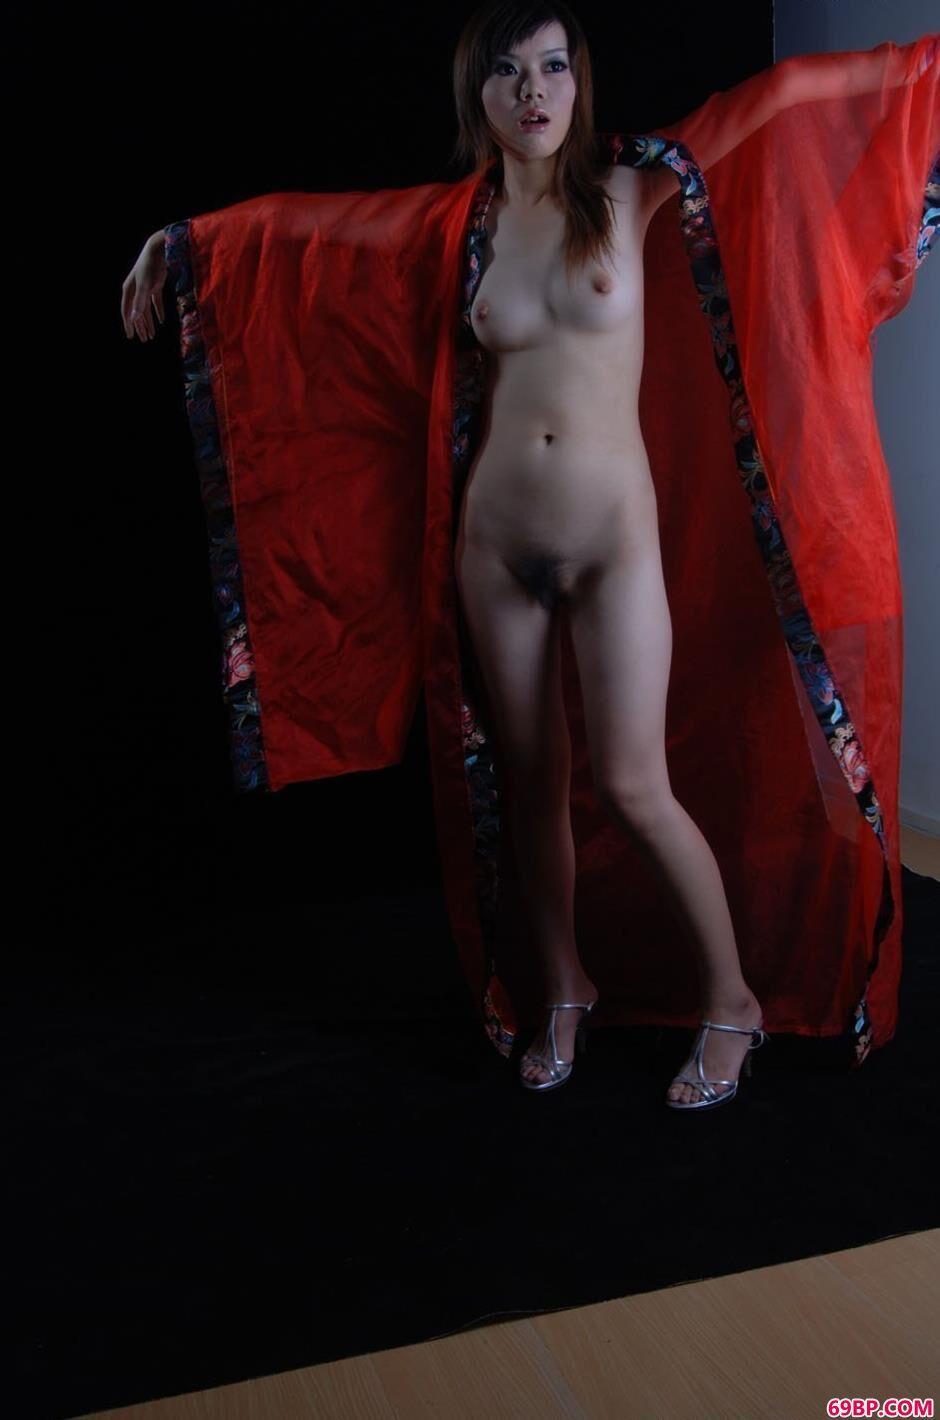 美人白雪黑室里的诱惑红纱人体